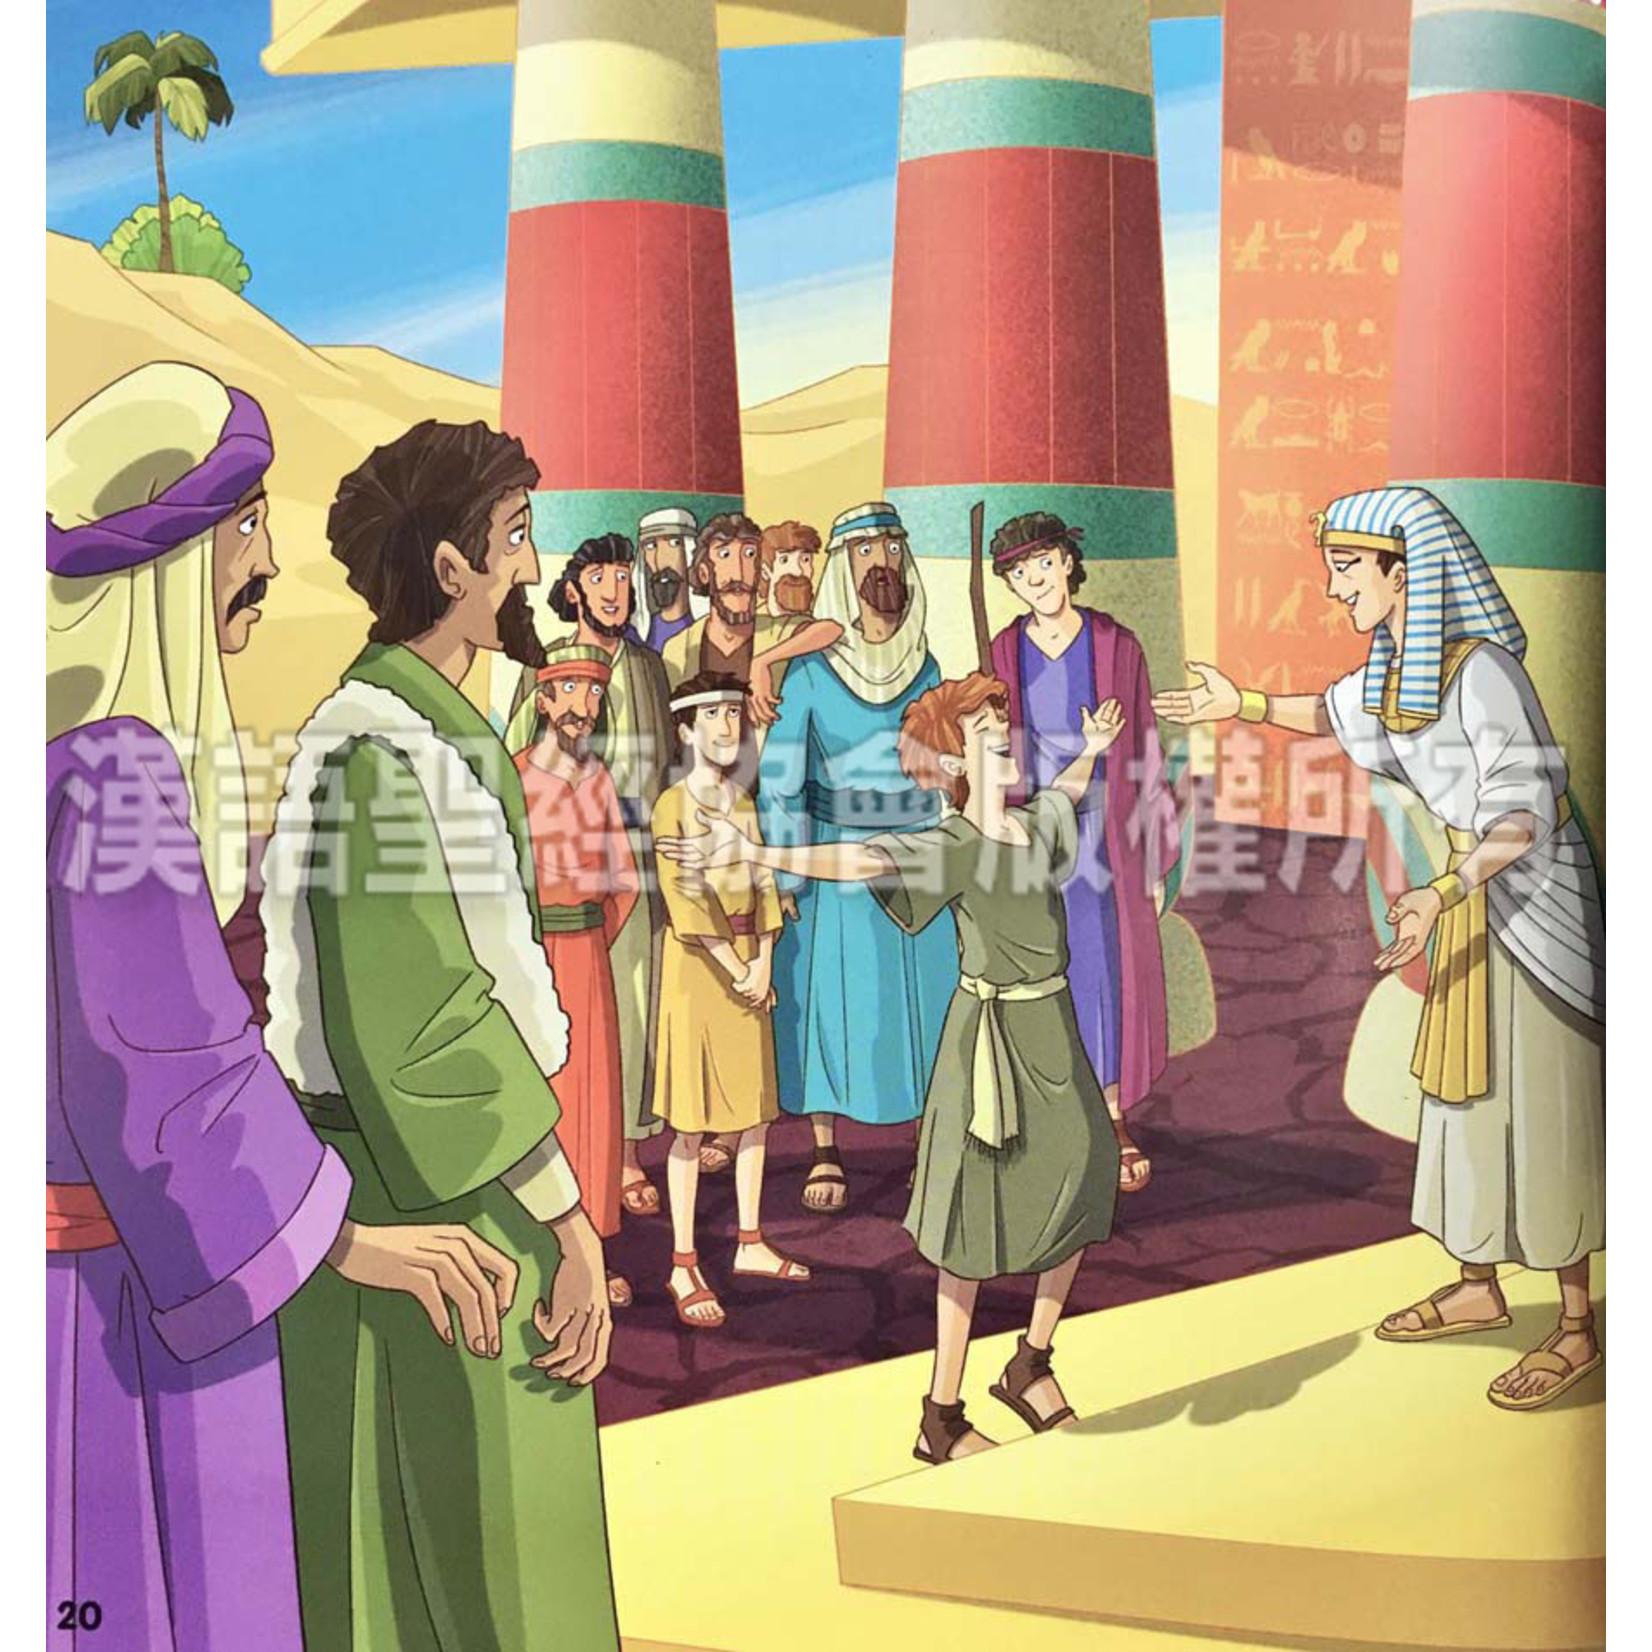 漢語聖經協會 Chinese Bible International 我的金句聖經(中英對照) My Key Verse Bible